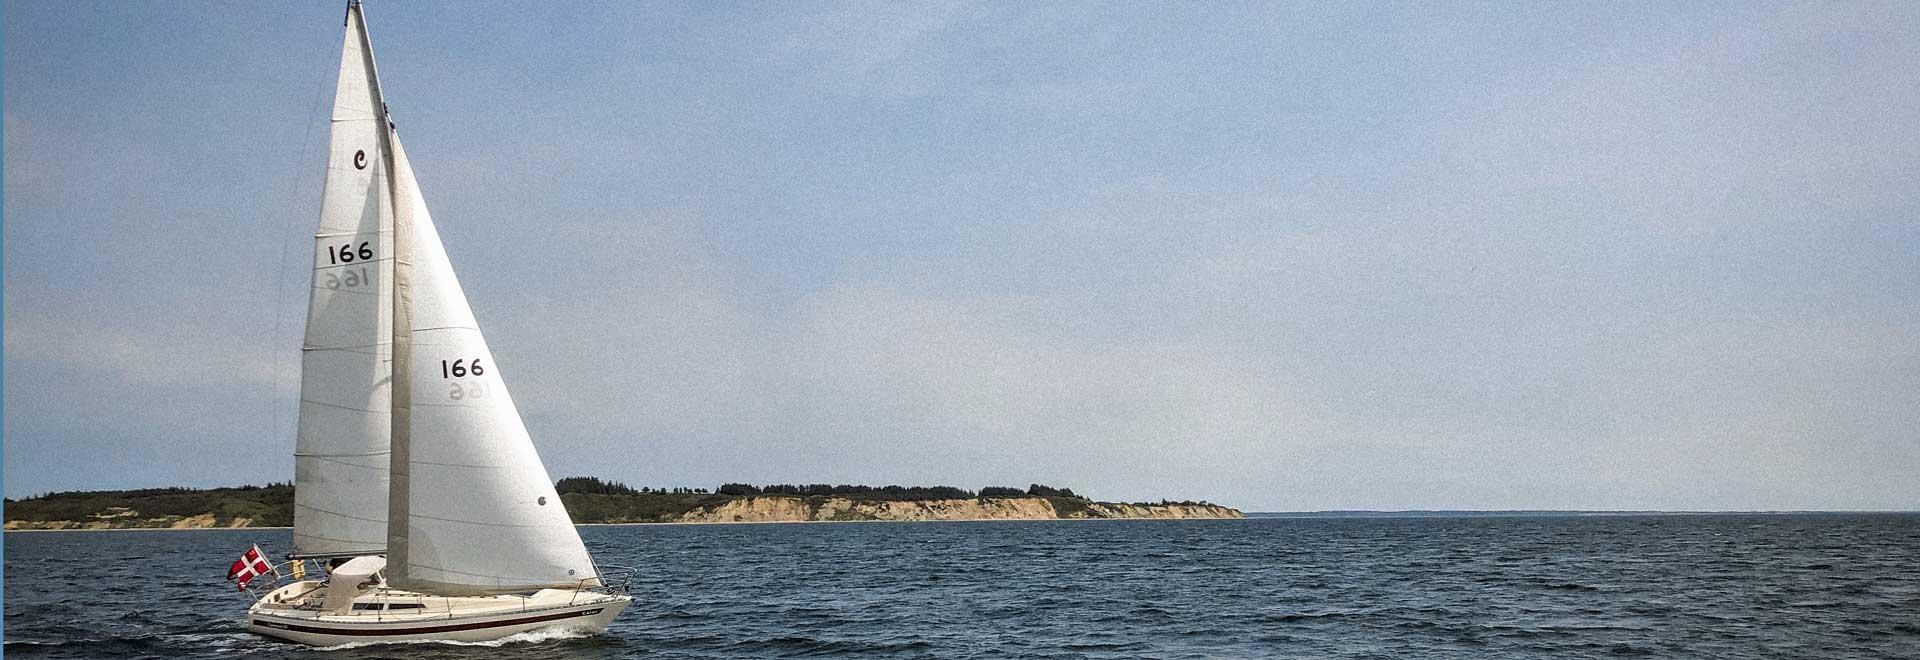 dänischen Limfjord mit Sonnenuntergang